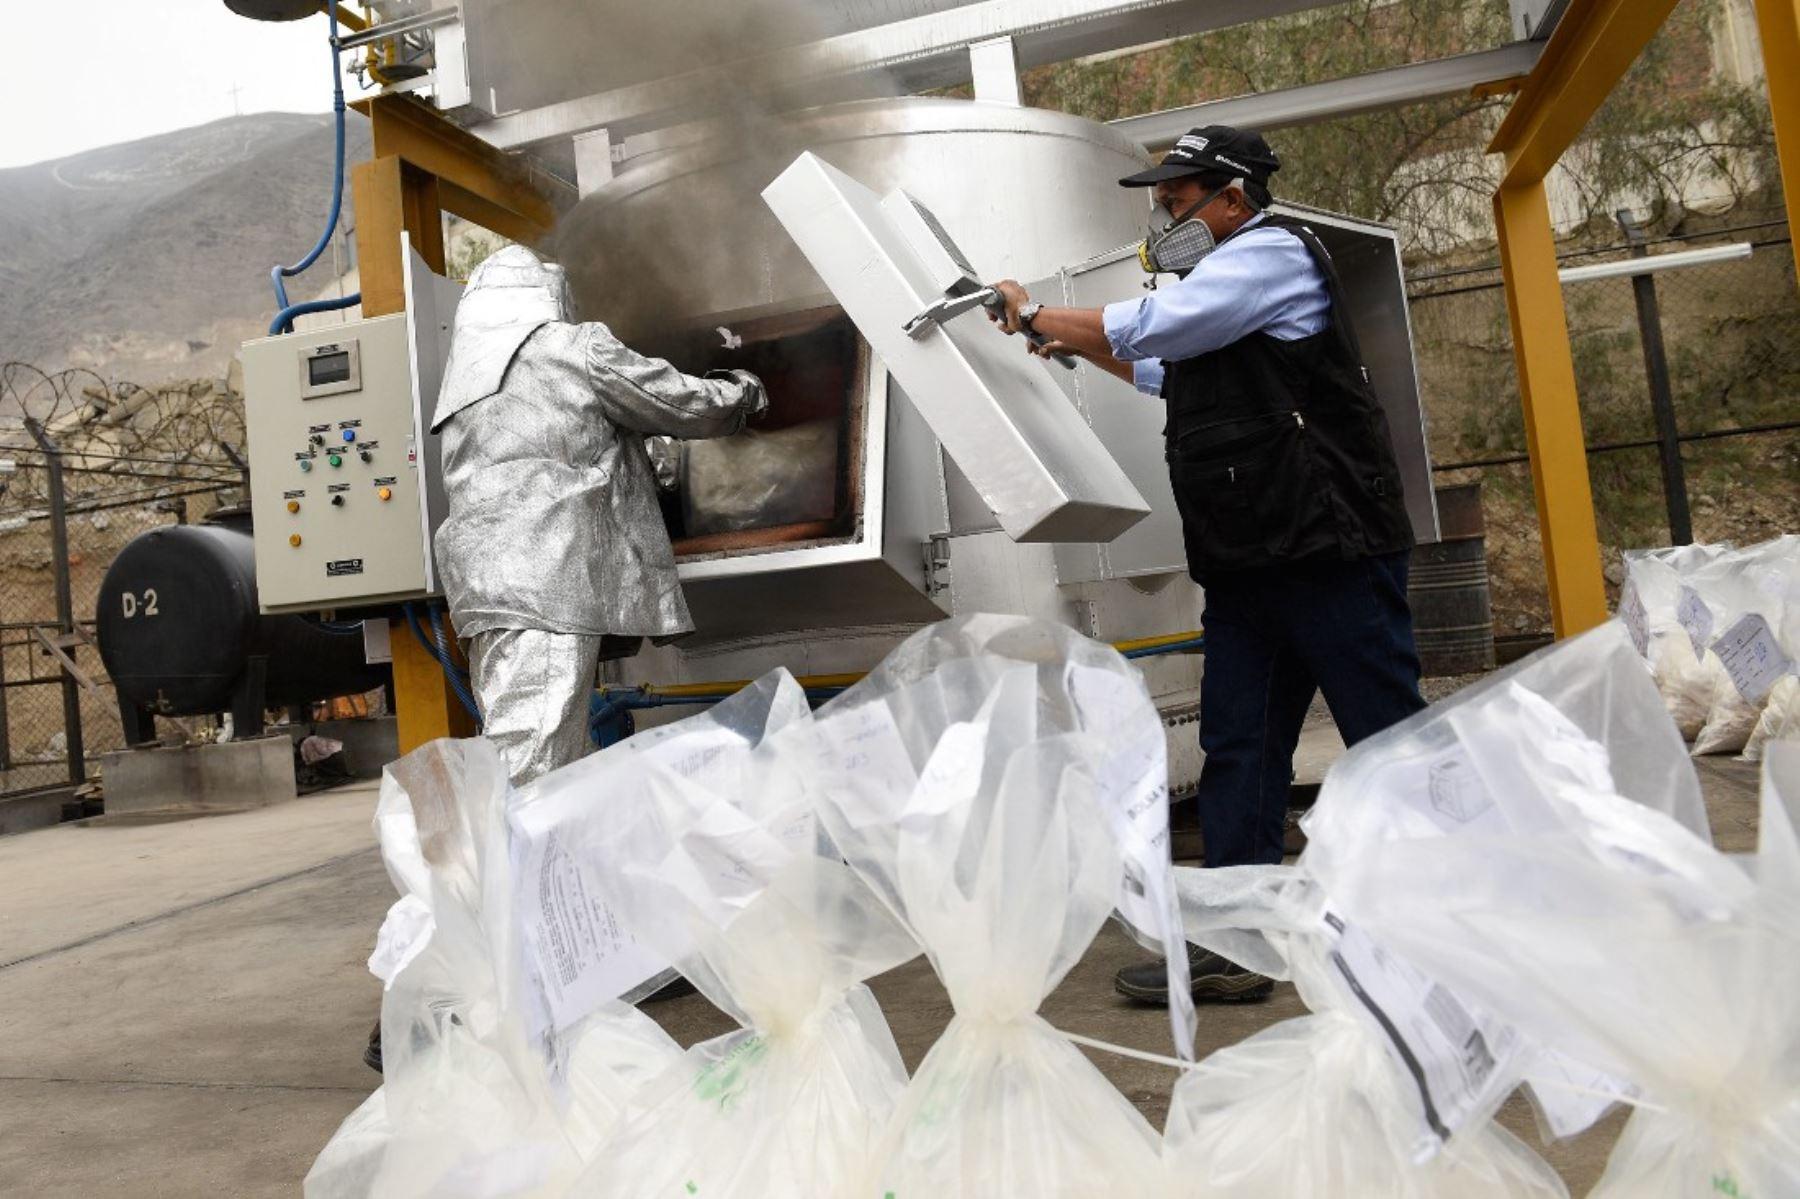 Más de 63 toneladas de droga fueron incineradas en lo que va del 2019. Foto: ANDINA/Difusión.